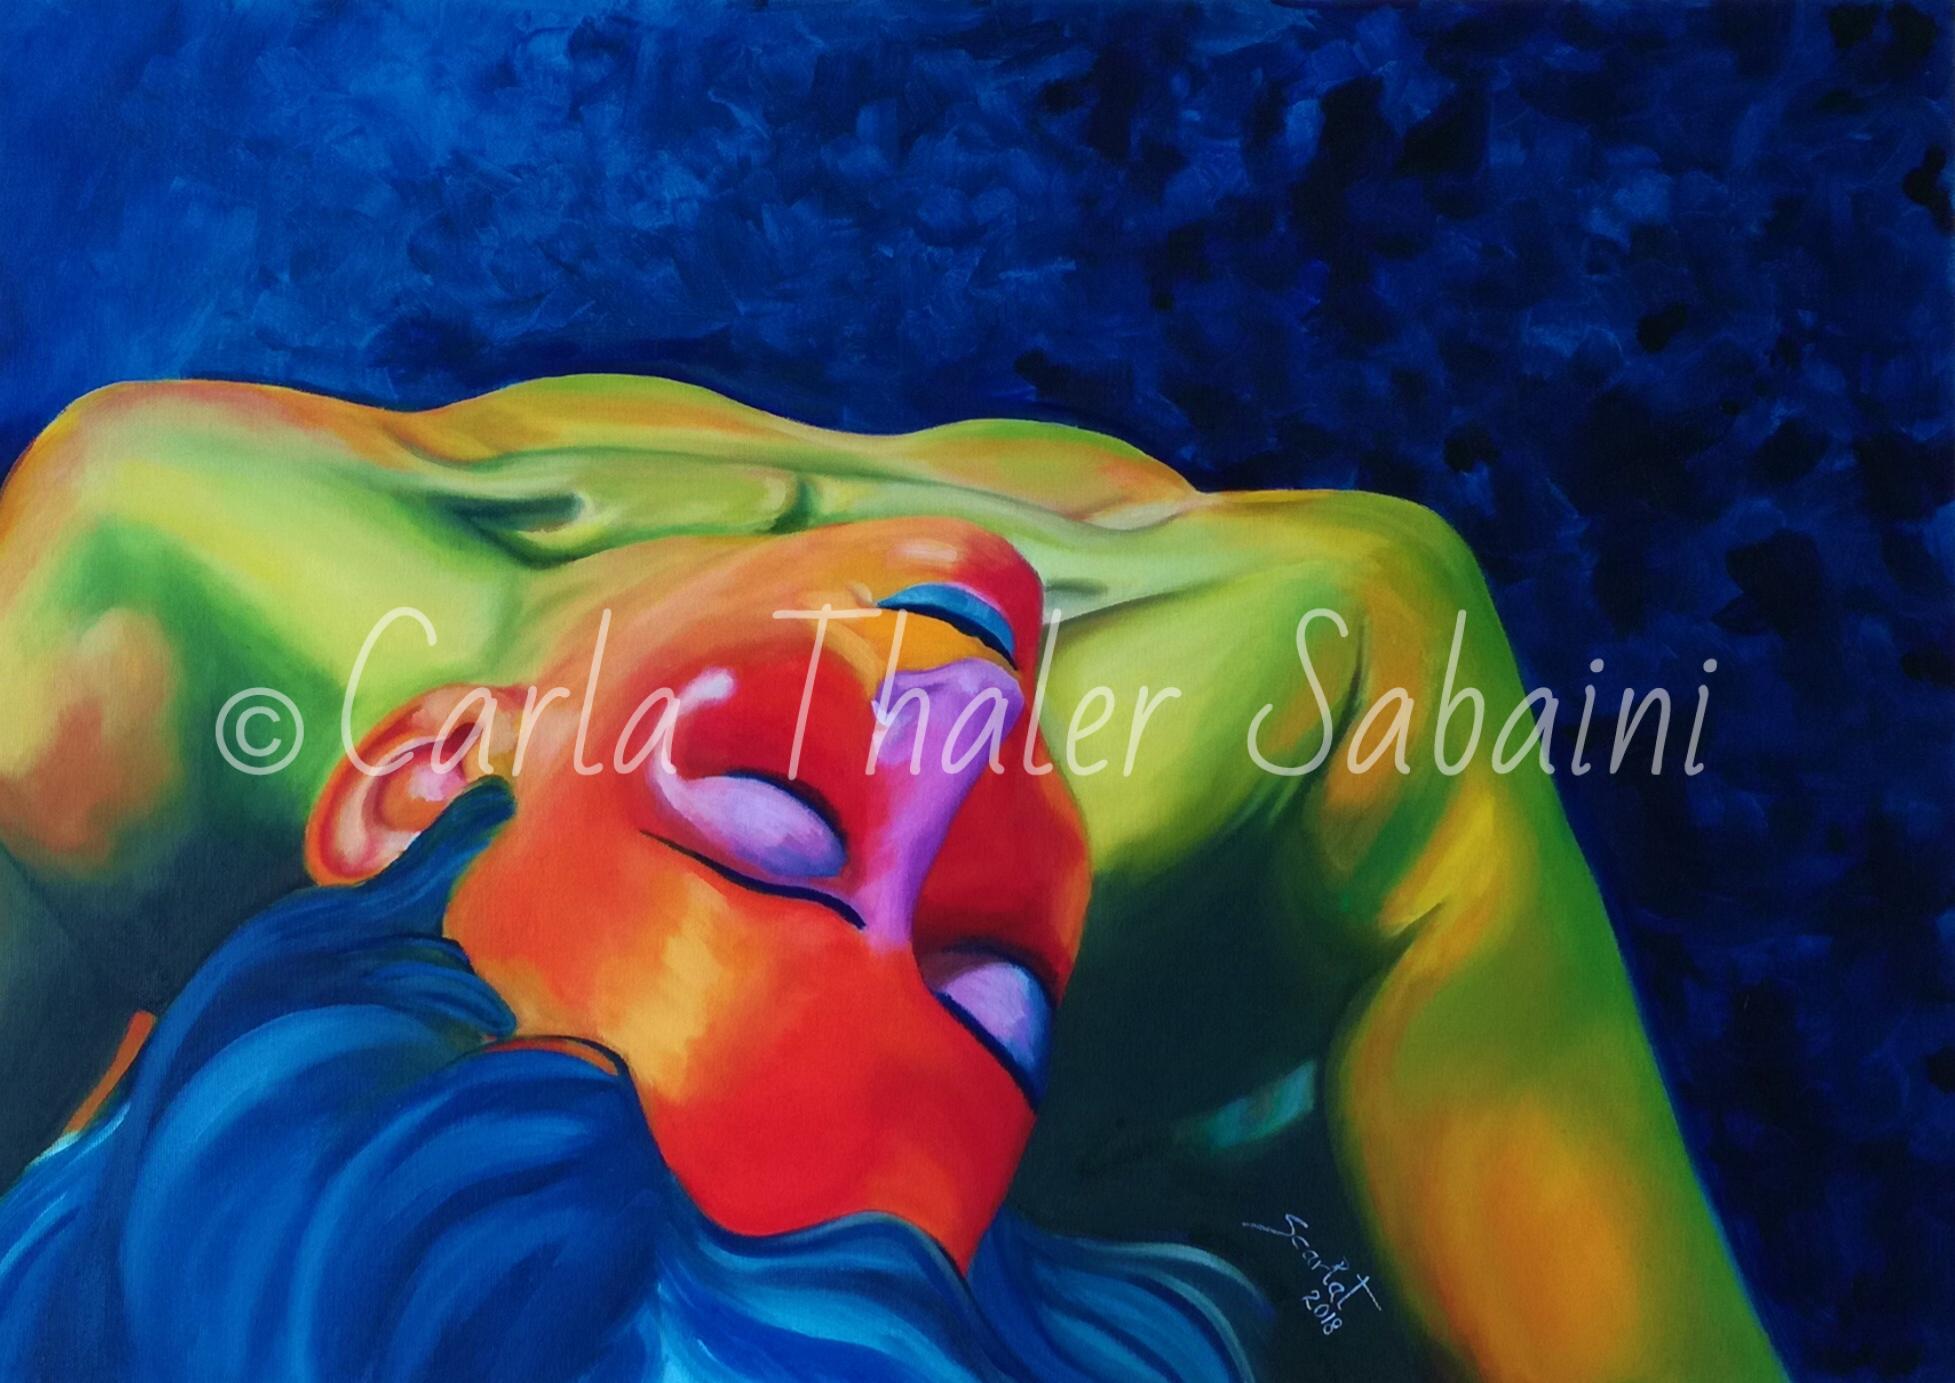 opera 'Gradisca' dell'artista Carla Thaler Sabaini, pittrice contemporanea.